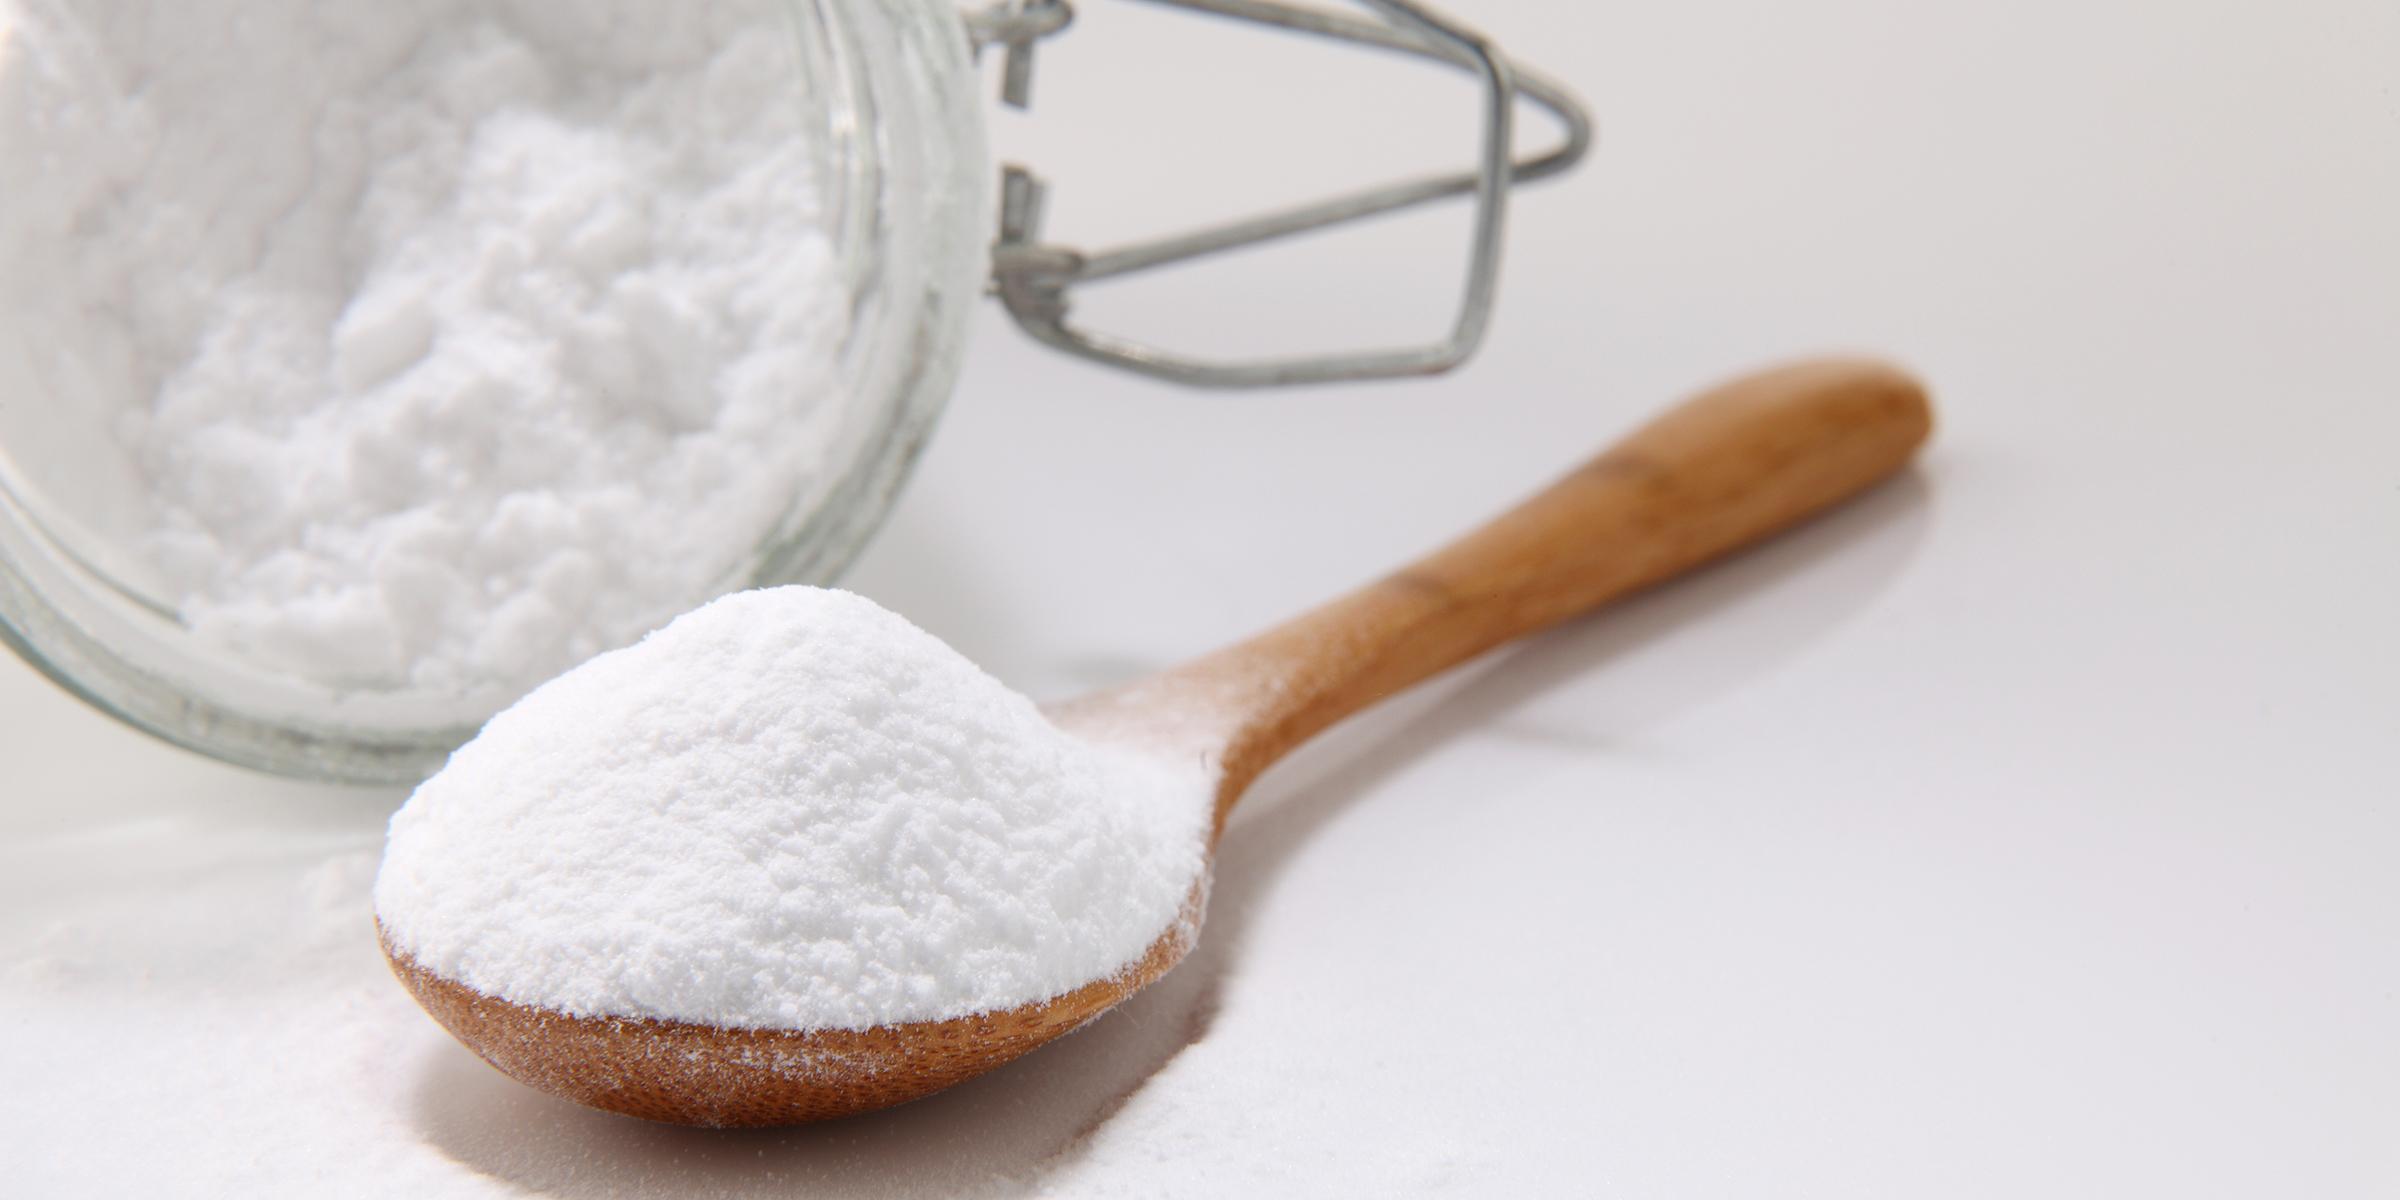 بديل بيكربونات الصوديوم في الخلطات و الطبخ و الكيك